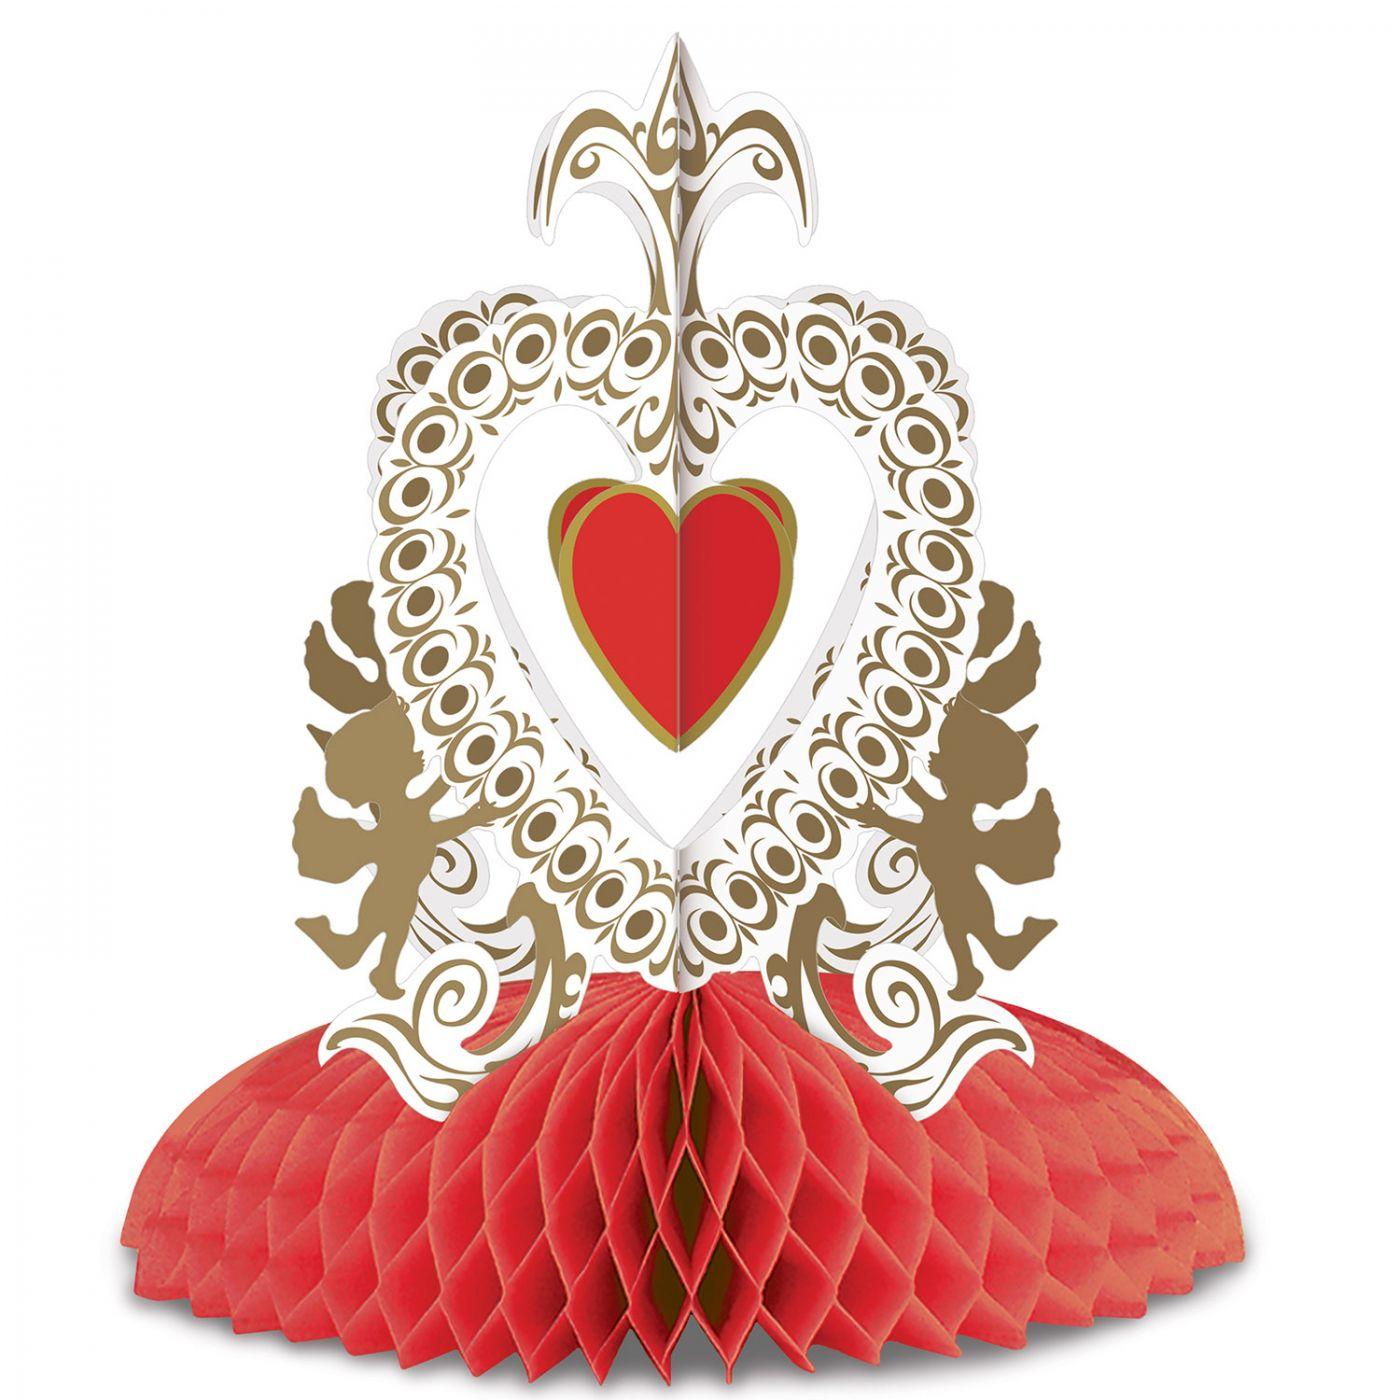 Vintage Valentine Cupid's Heart Ctrpc image